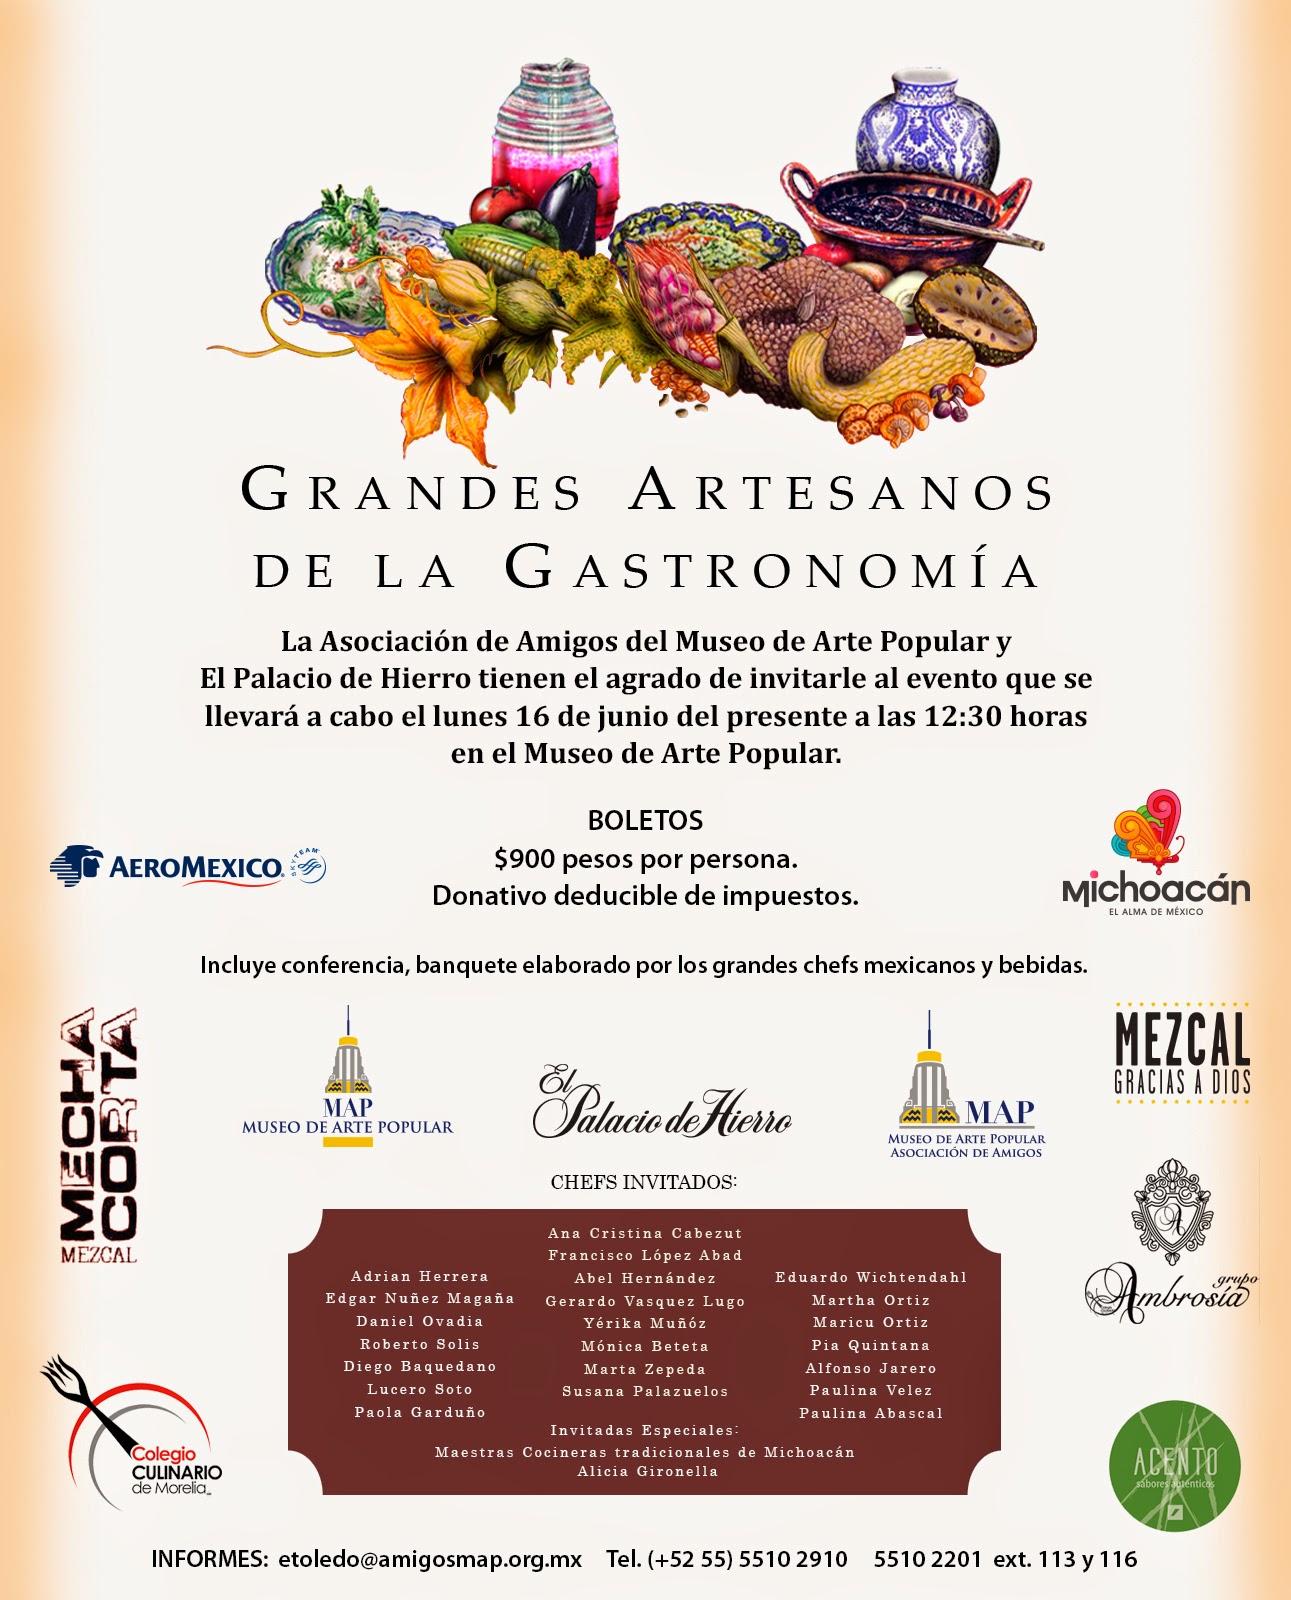 Grandes Artesanos de la Gastronomía 2014 en el Museo de Arte Popular